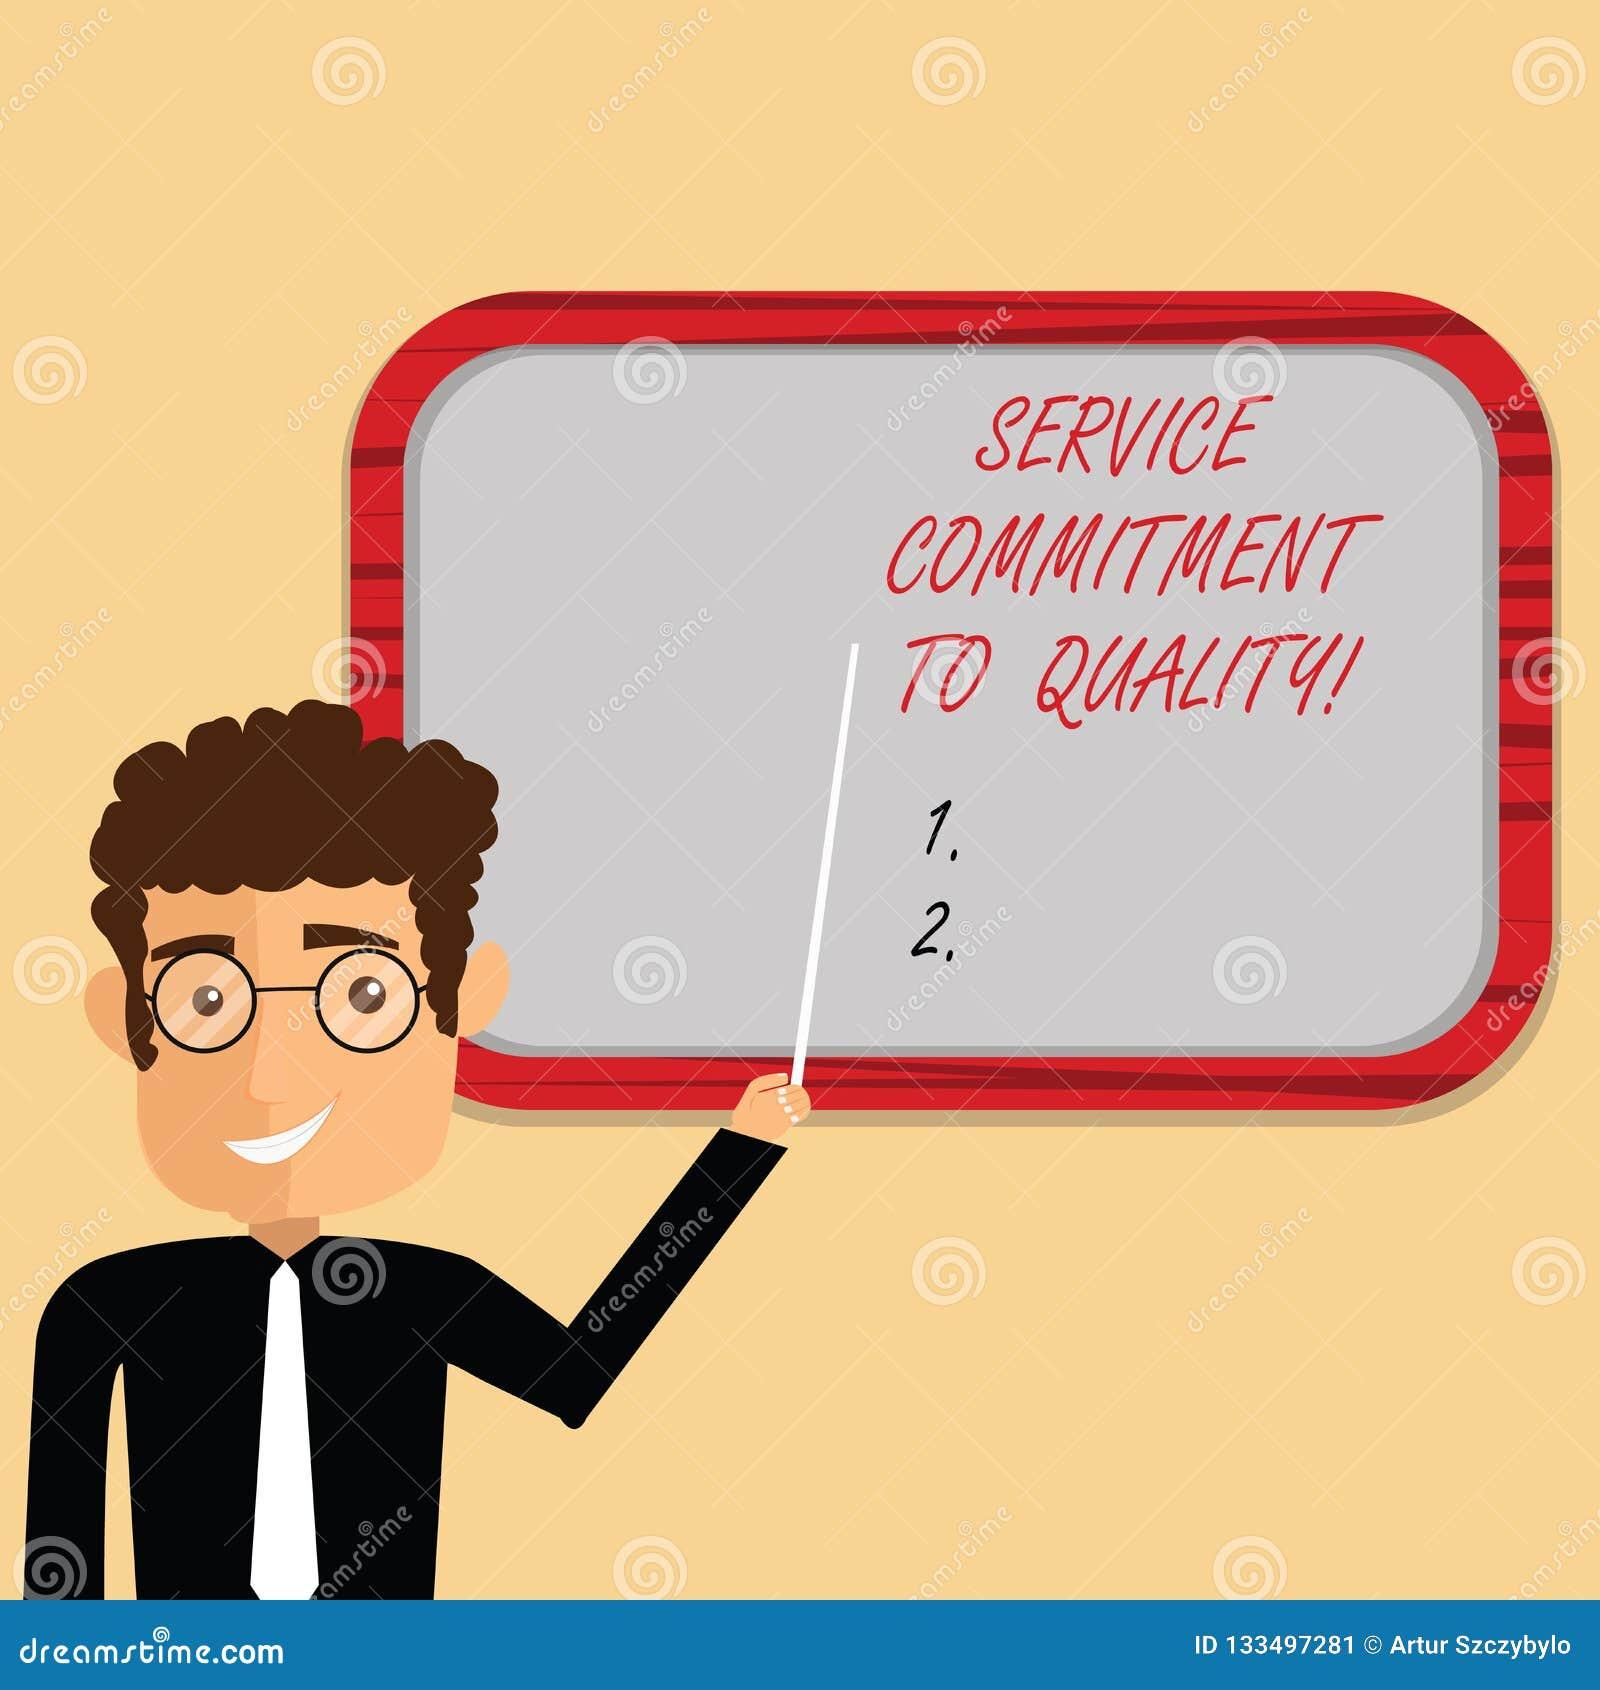 手写文本文字对质量的服务承诺 概念意思优秀优质好协助人